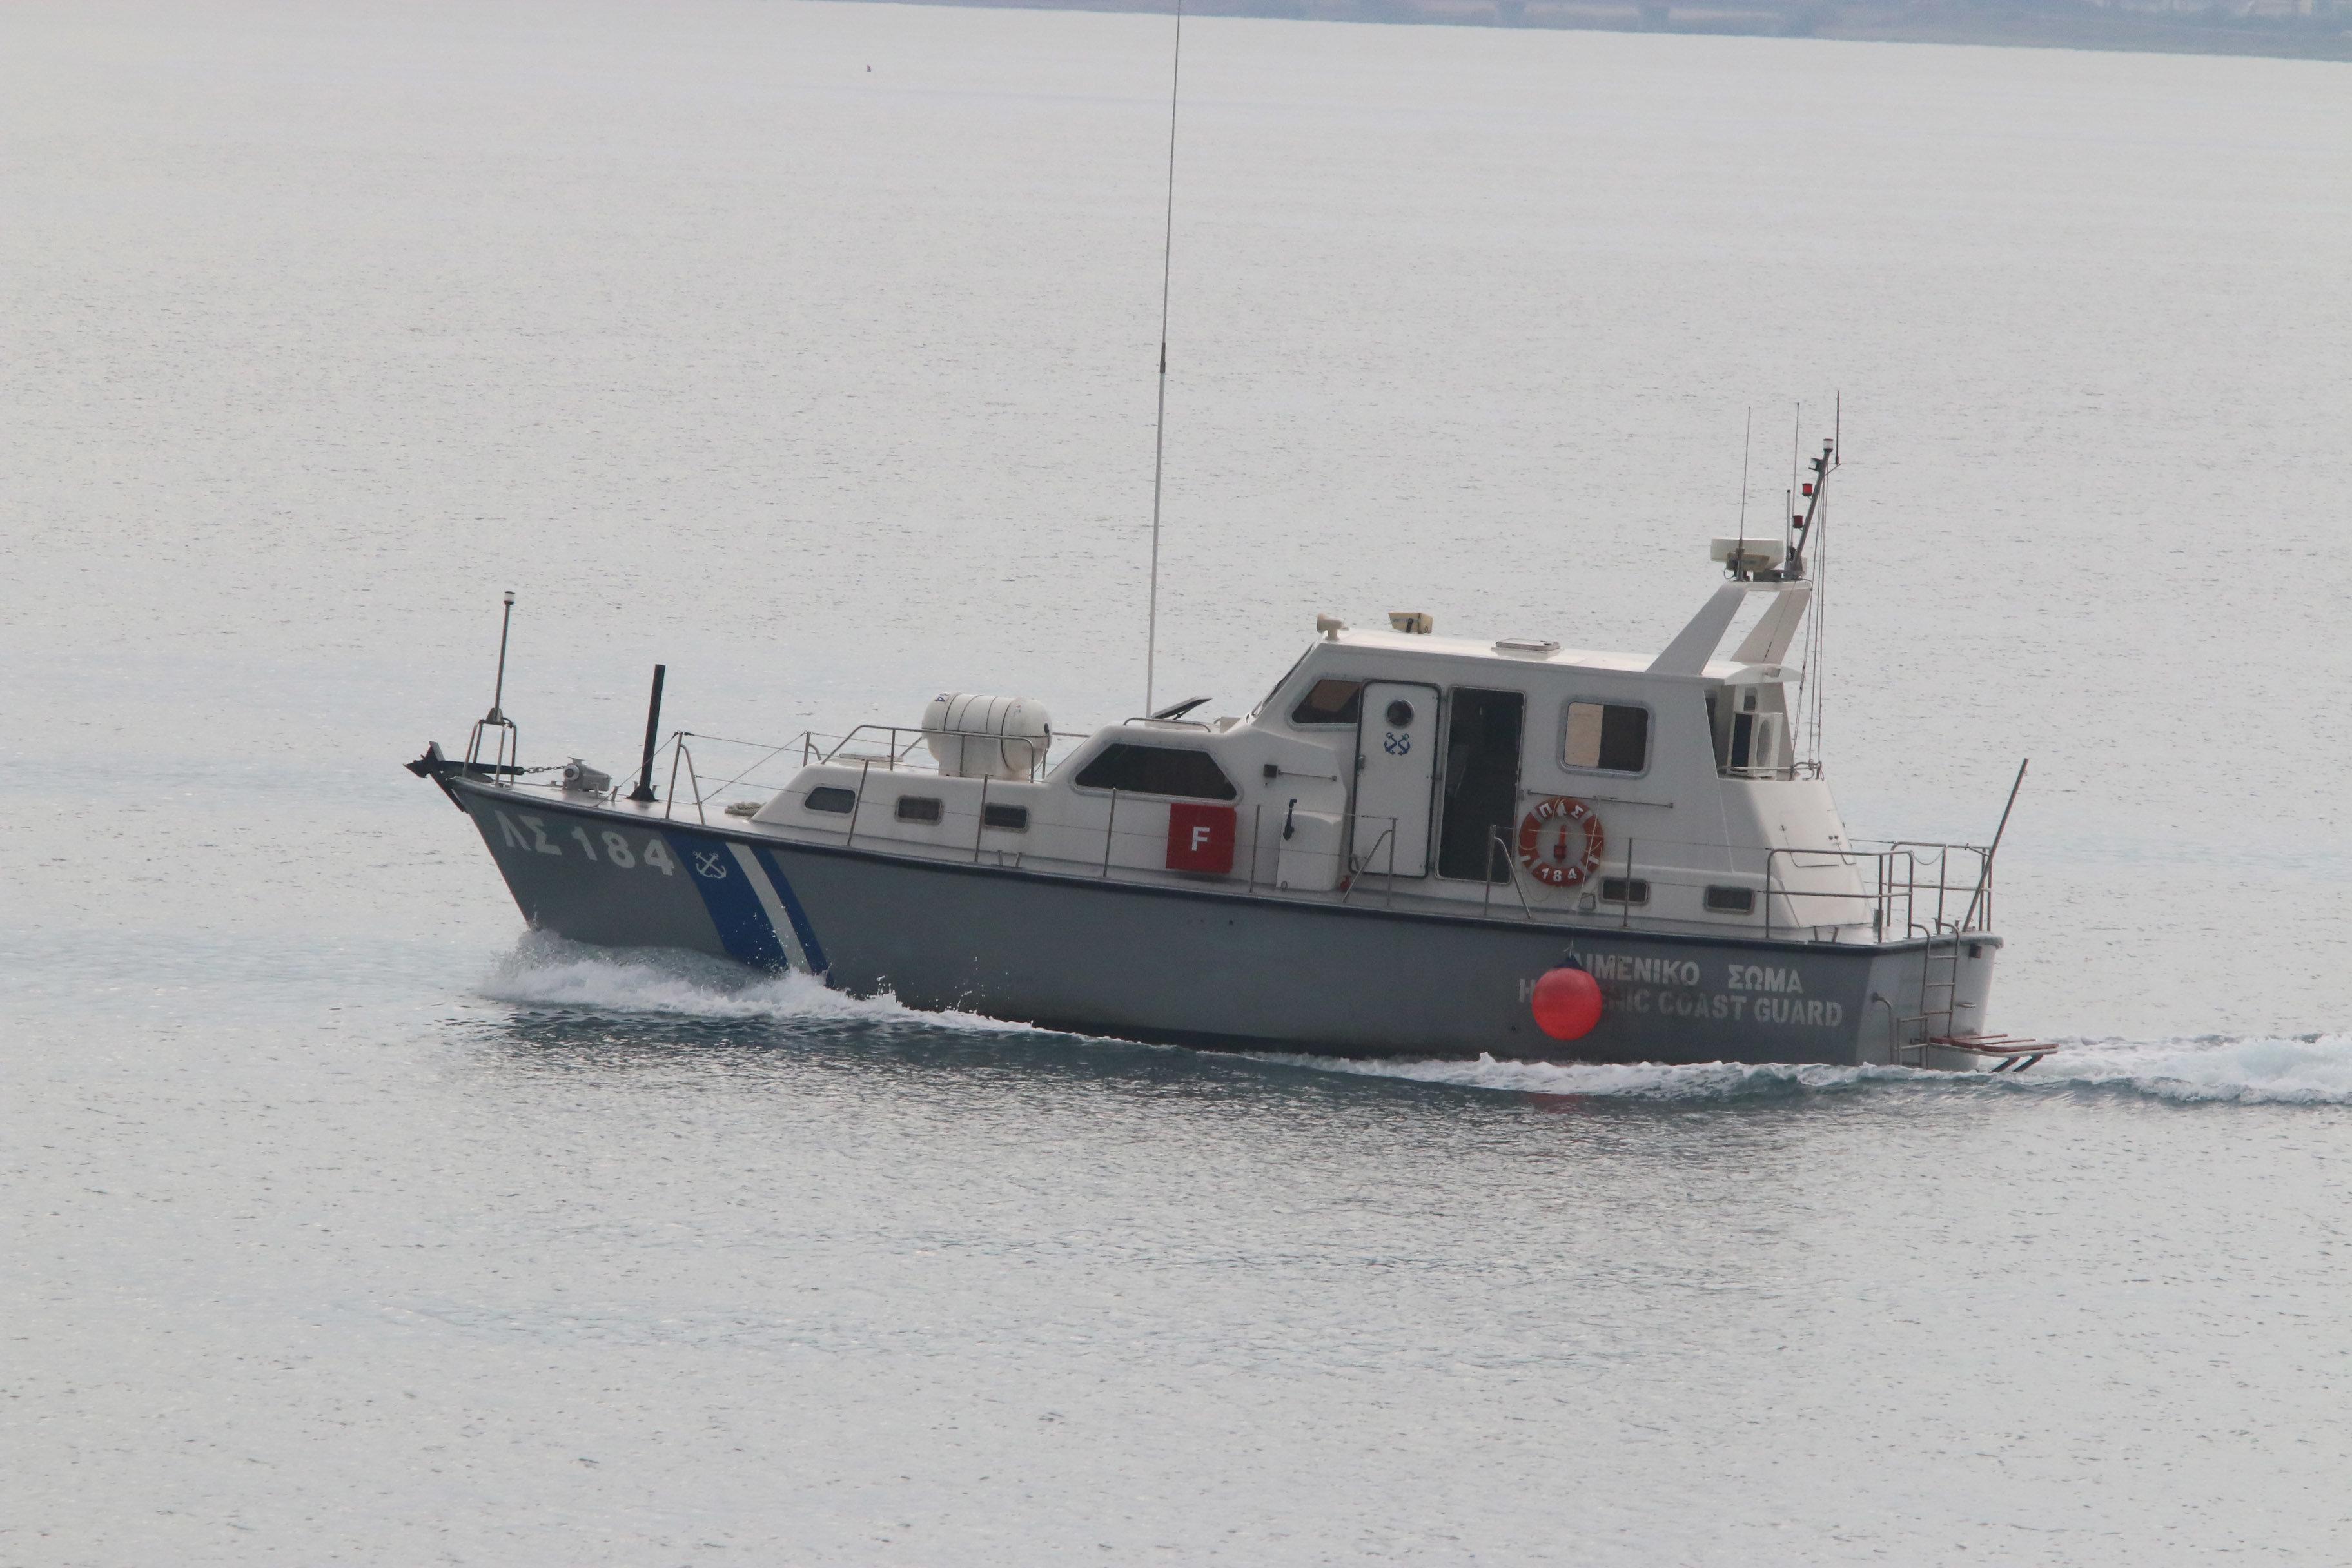 Σορός γυναίκας με εμφανή εγκαύματα εντοπίστηκε στην θαλάσσια περιοχή του